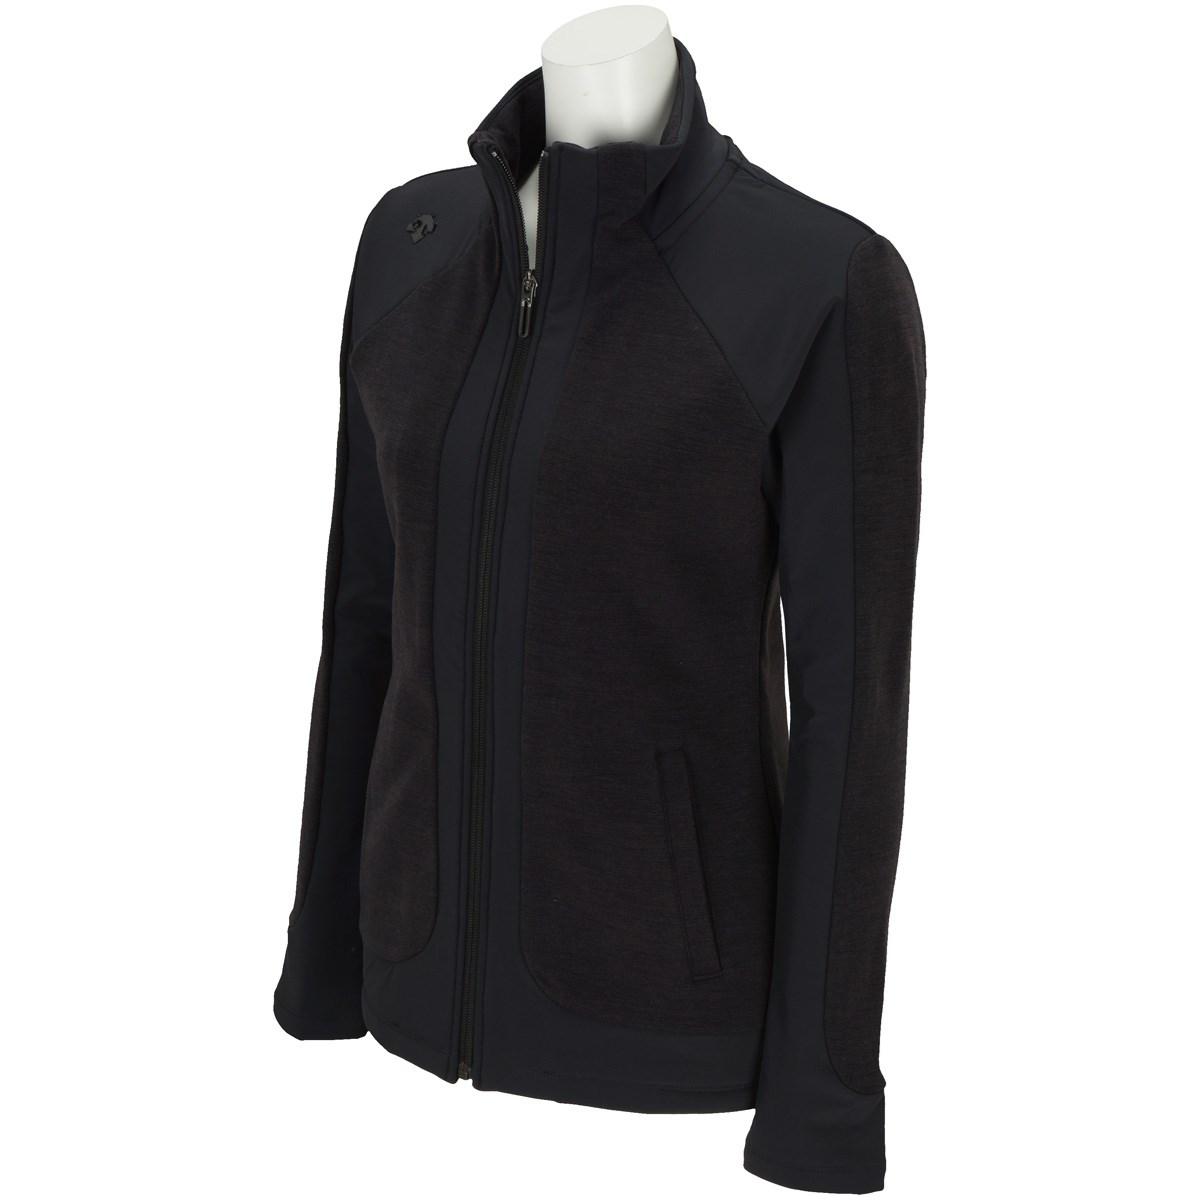 デサントゴルフ DESCENTE GOLF ストレッチフルジップジャージージャケット M ブラック レディス